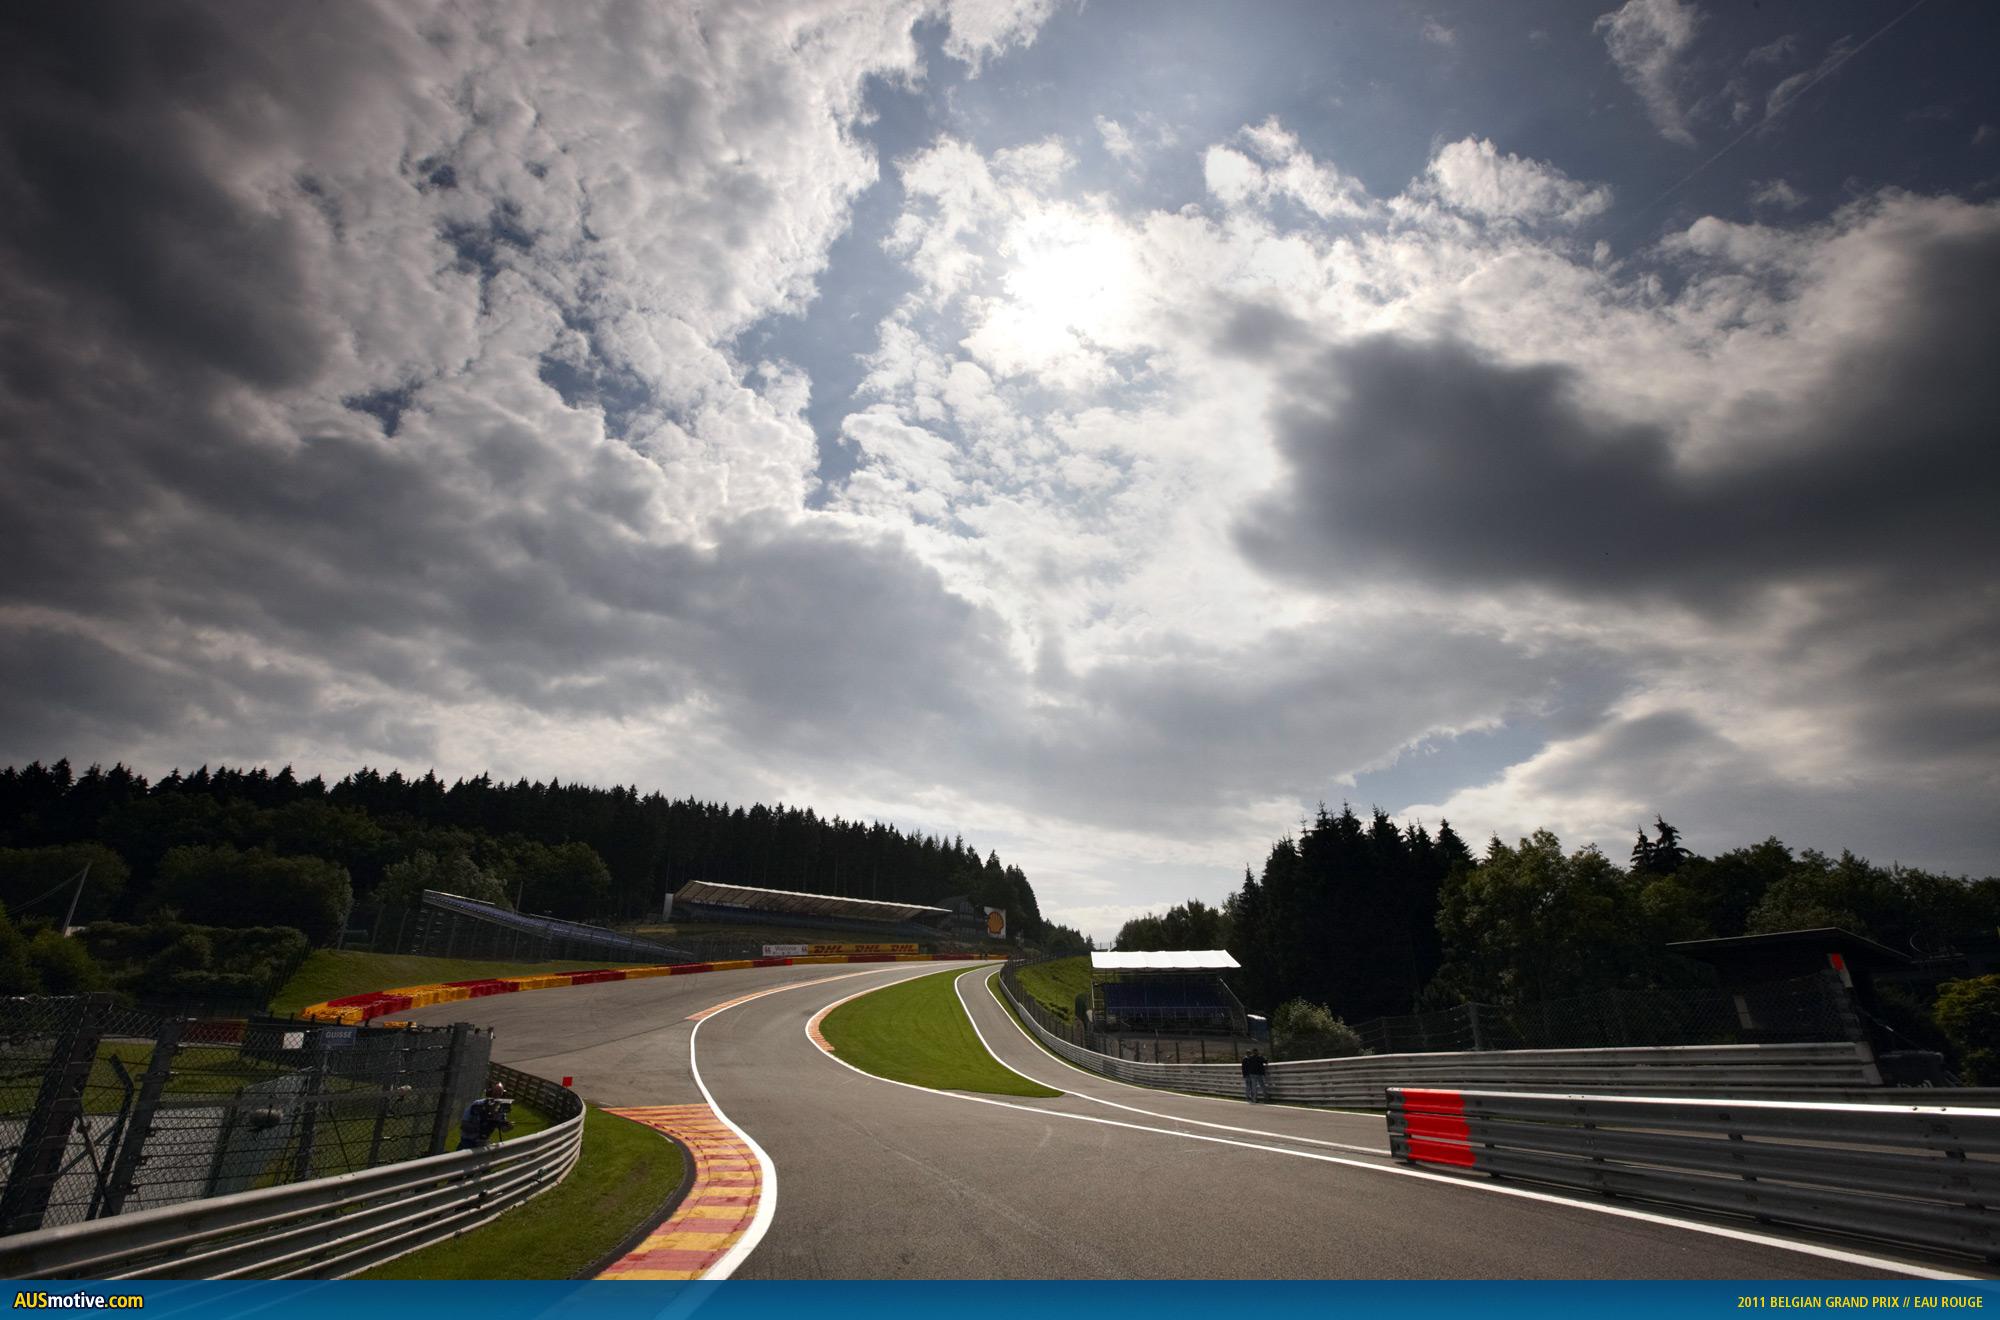 f1 track wallpaper - photo #6